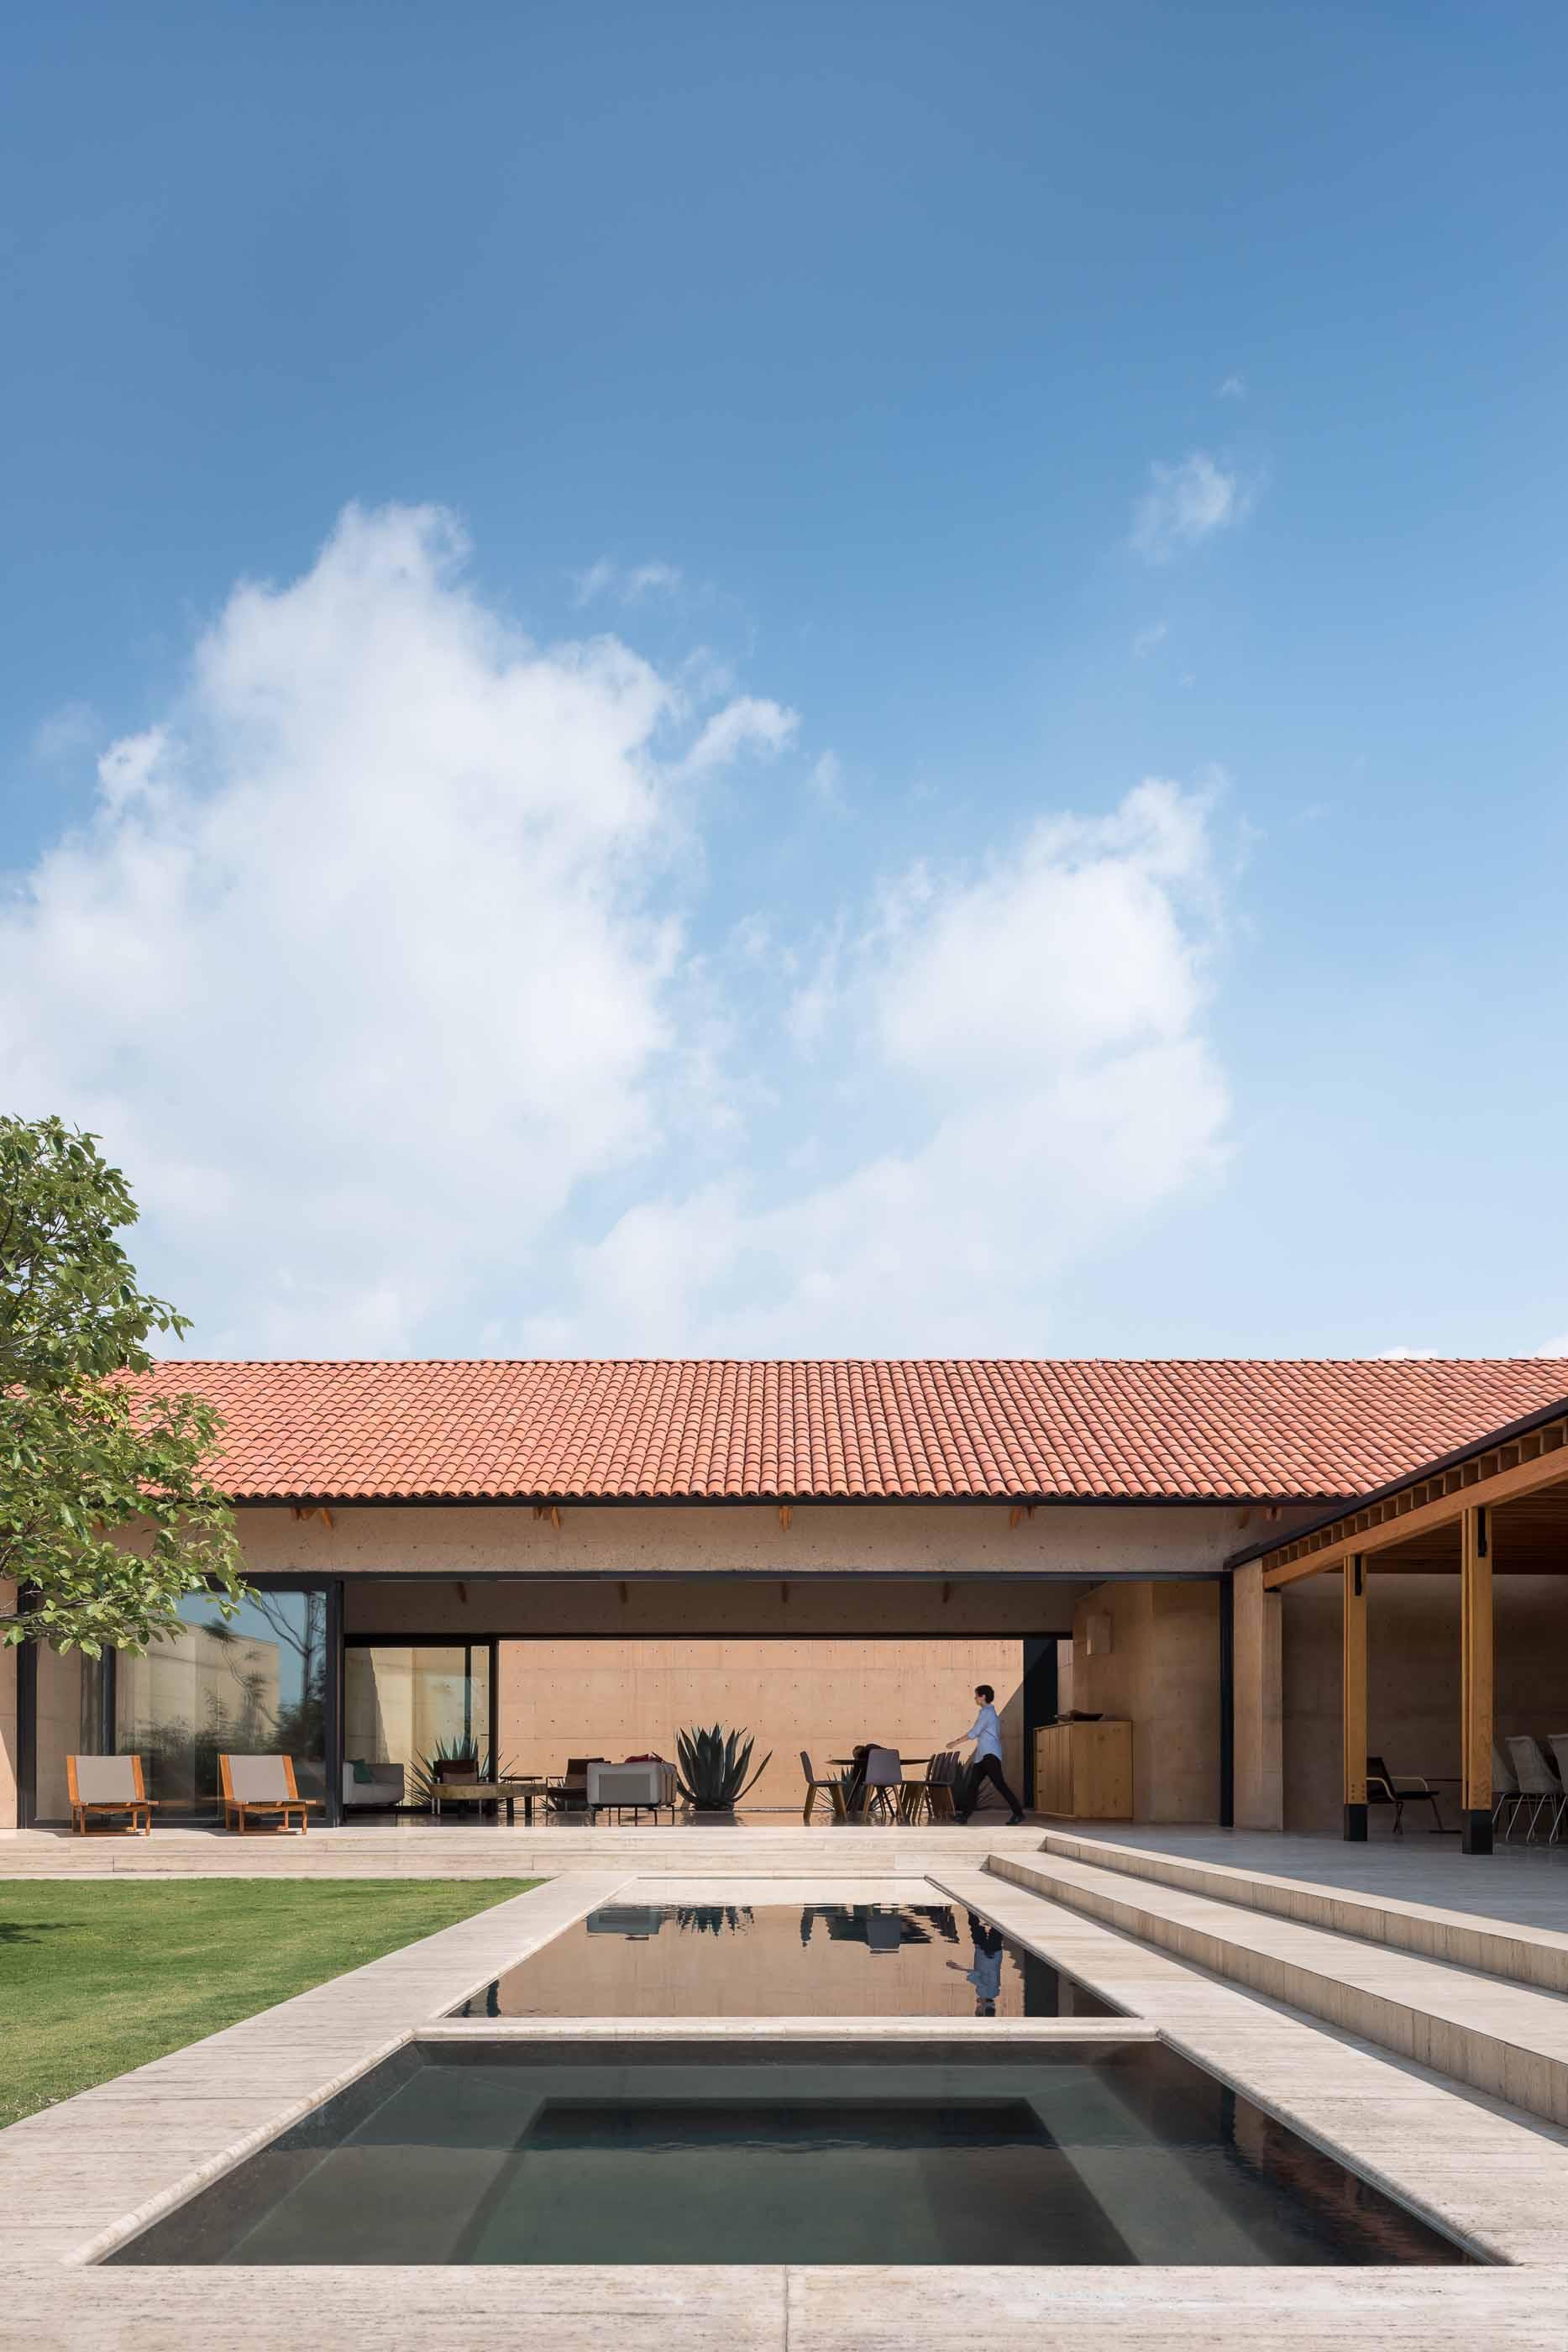 Bernardo Quinzaños, Ignacio Urquiza, Centro de Colaboración Arquitectónica